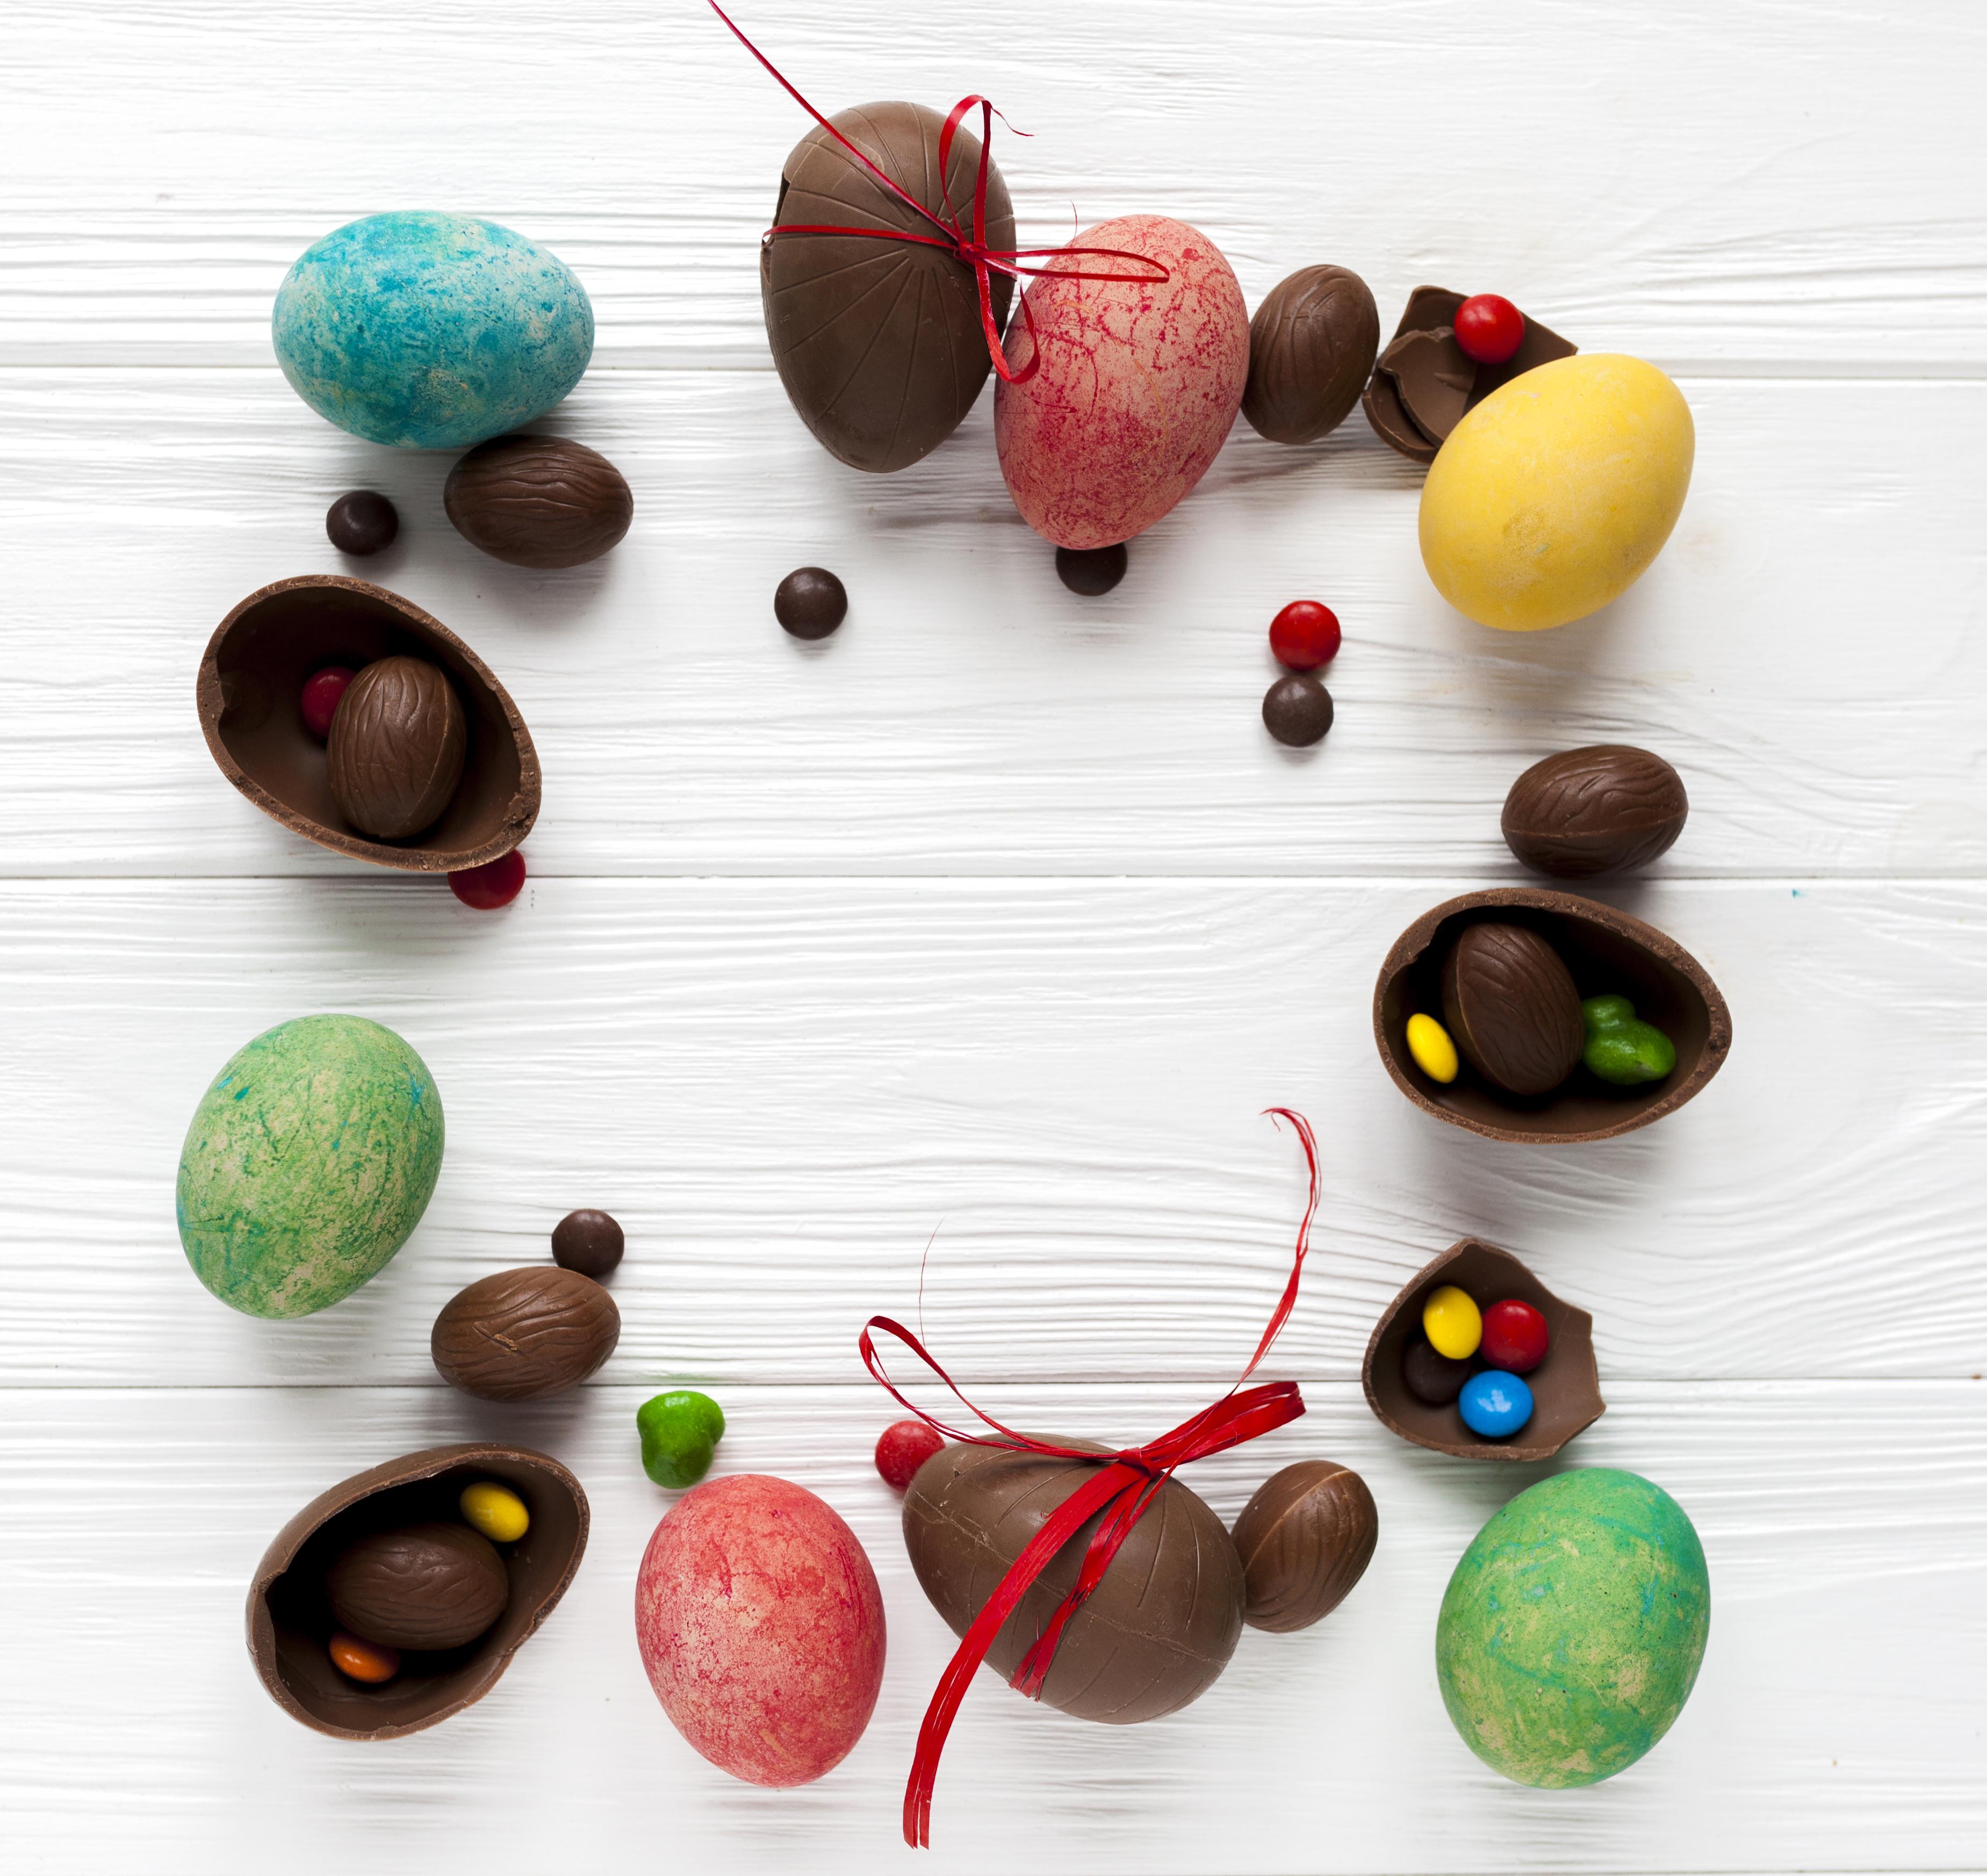 Картинка Пасха Яйца Шоколад Конфеты Пища Сладости Доски 3698x3492 яиц яйцо яйцами Еда Продукты питания